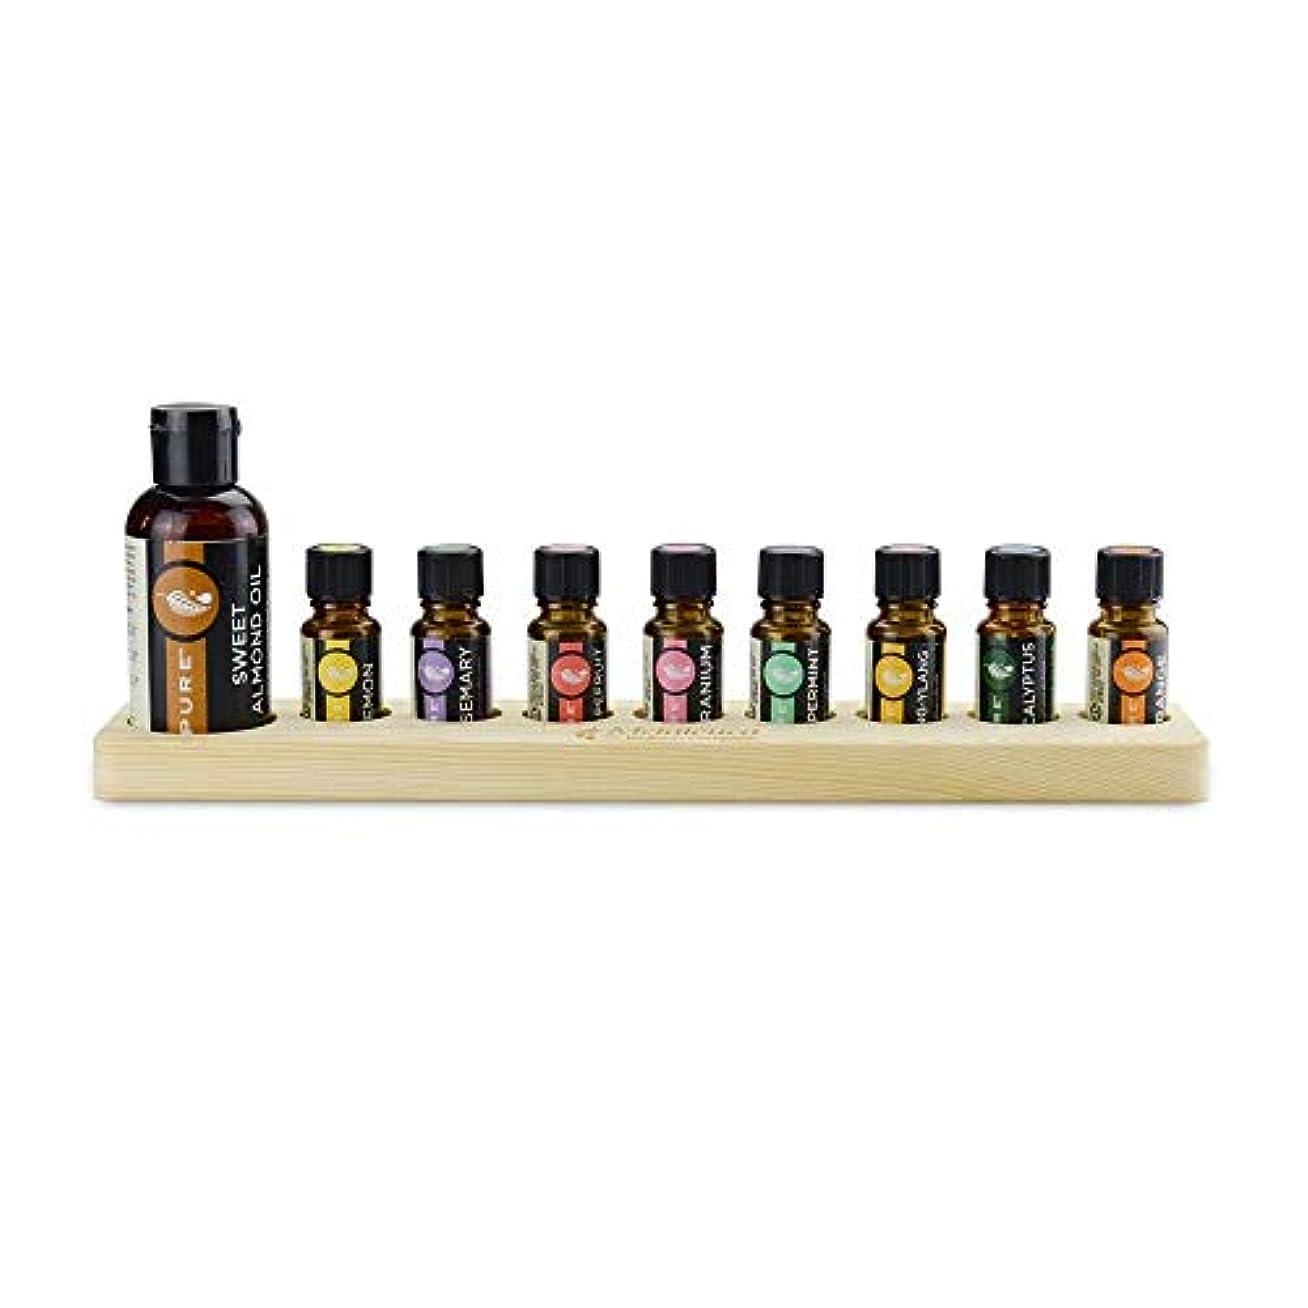 使用法見物人アイザックエッセンシャルオイルの保管 9スロット木製エッセンシャルオイルストレージホルダーは、9つの15ミリリットル油のボトルを保持します (色 : Natural, サイズ : Free size)